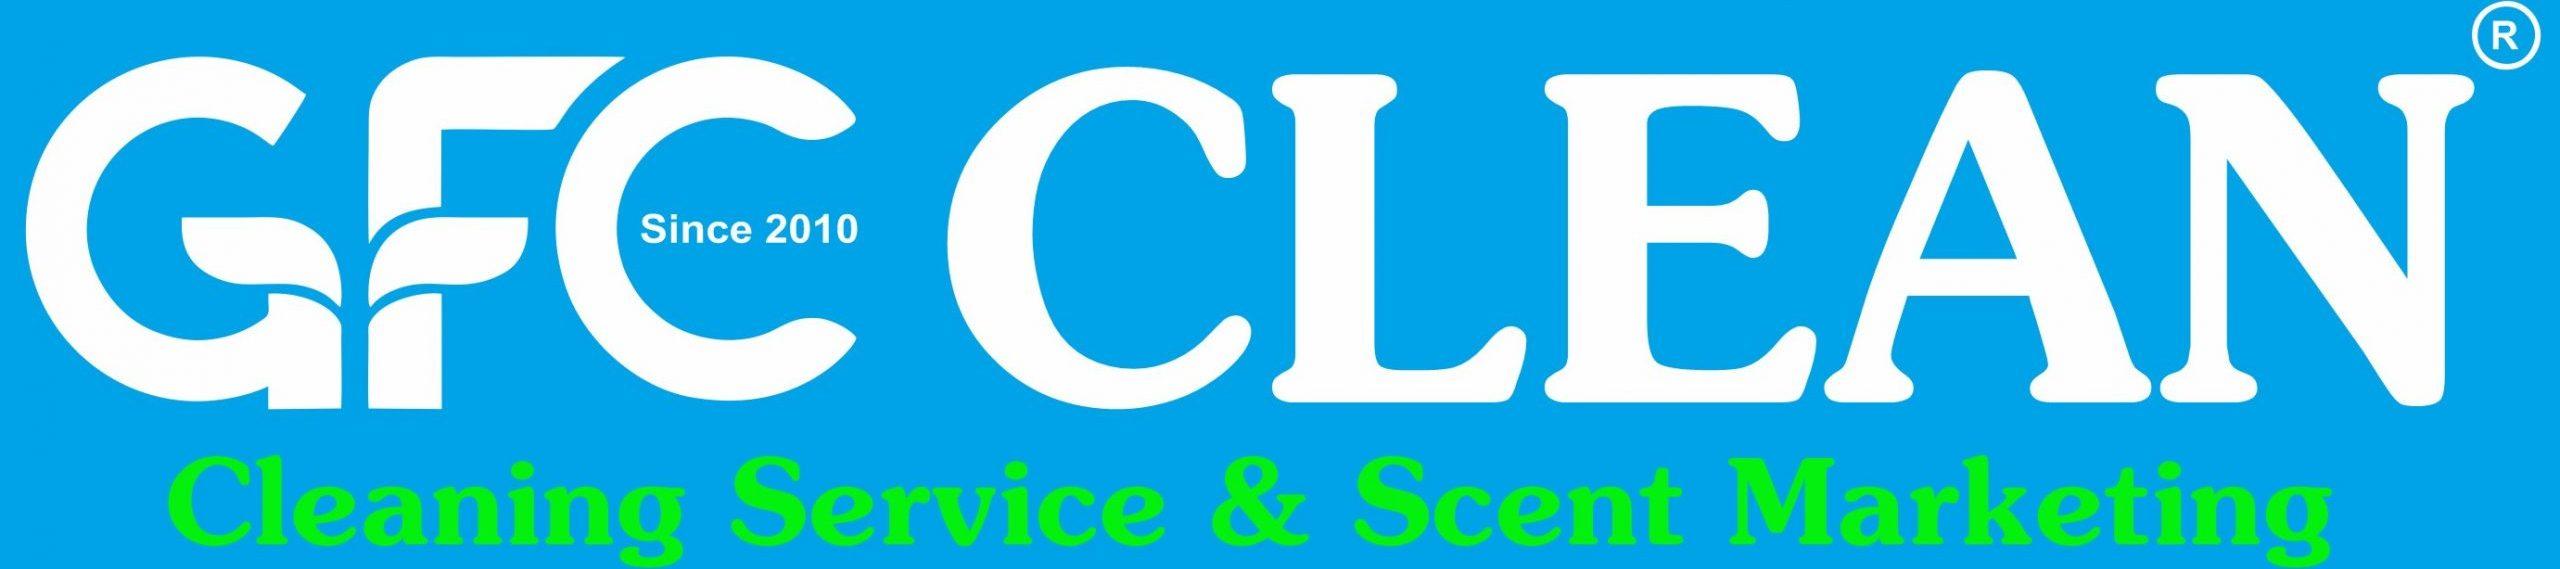 GFC CLEAN - Công Ty Vệ Sinh thuộc tập đoàn GFC GROUP ( Since 1996 )